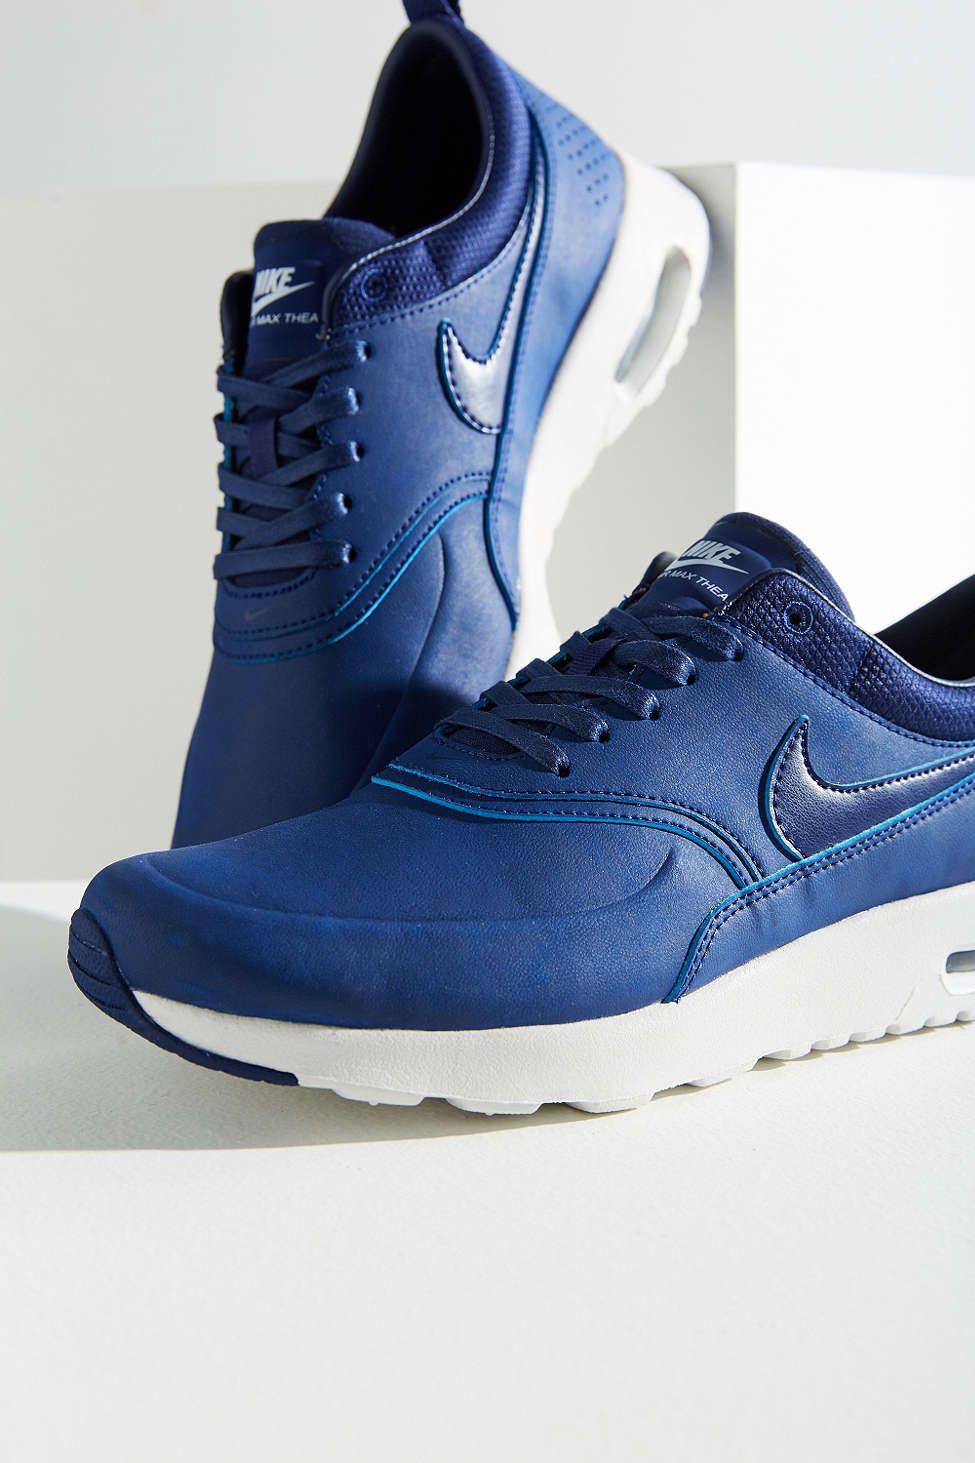 Nike Air Max Thea Premium Sneaker | Spring 2016 Fashion